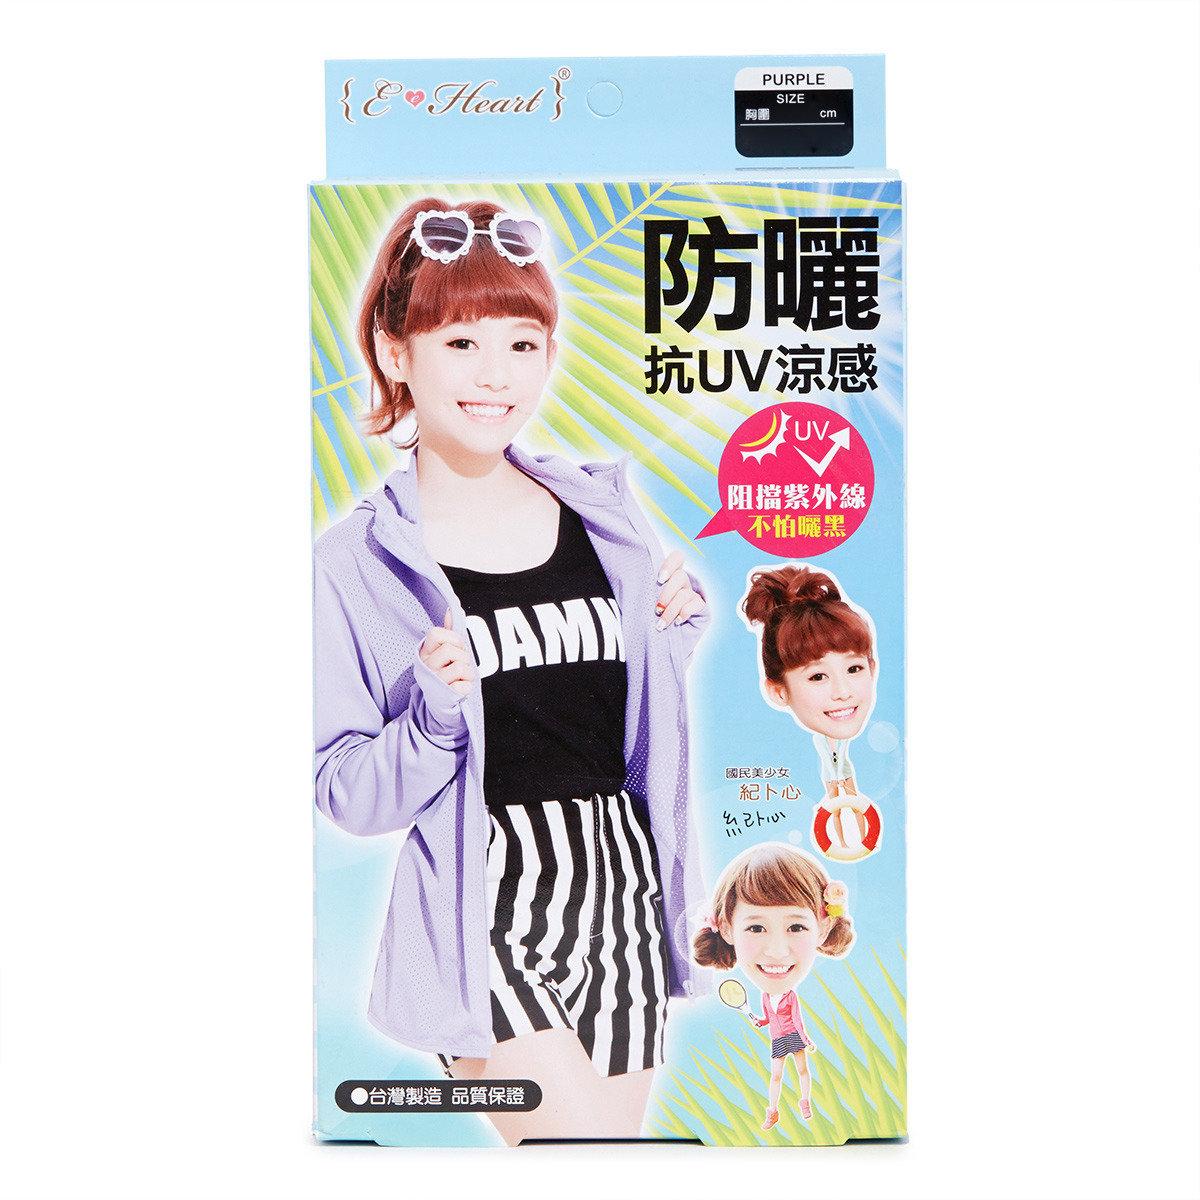 高透氣抗UV防曬外套(涼感顯瘦款-紫